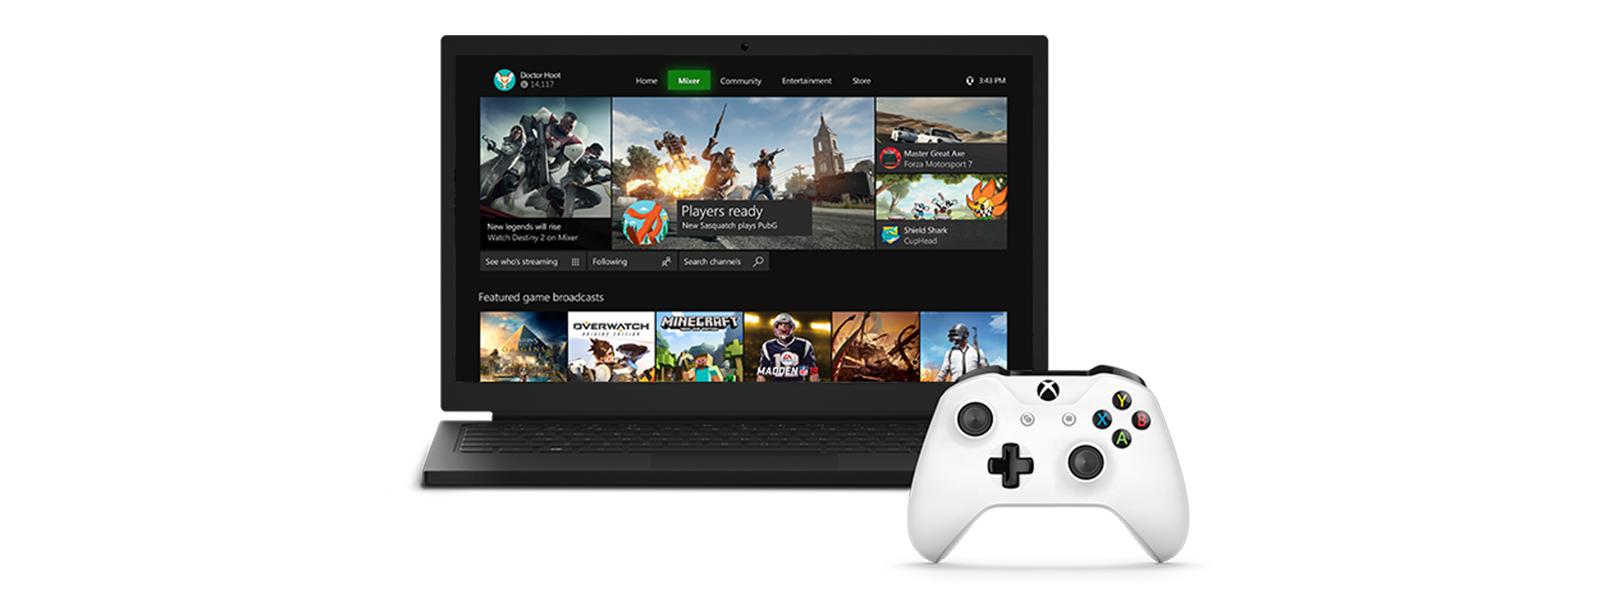 专为 Windows 10 游戏打造的全新 Mixer 界面